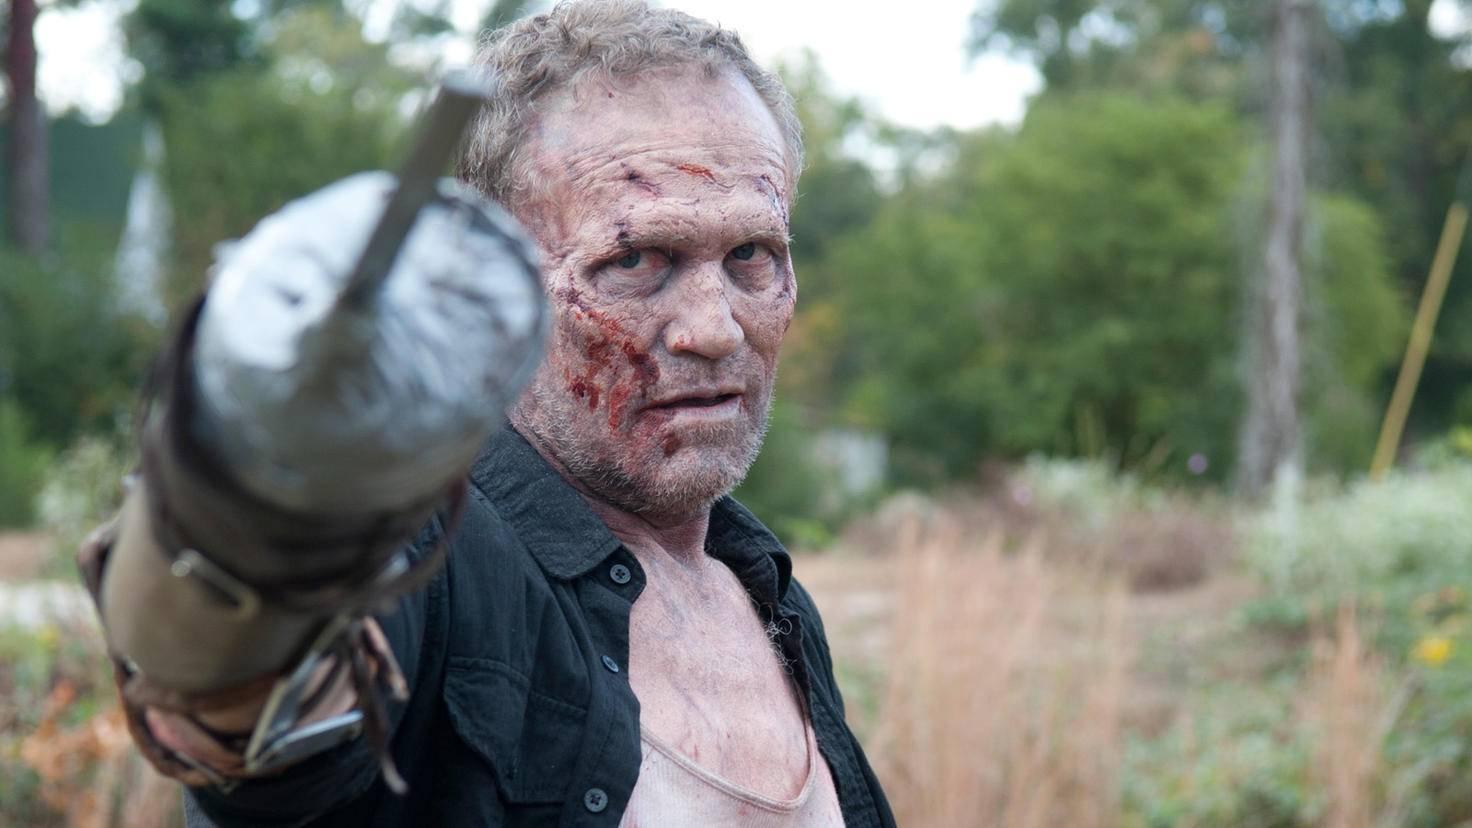 Merle-The Walking Dead-Gene Page-AMC-TWD_GP_315_1026_0252